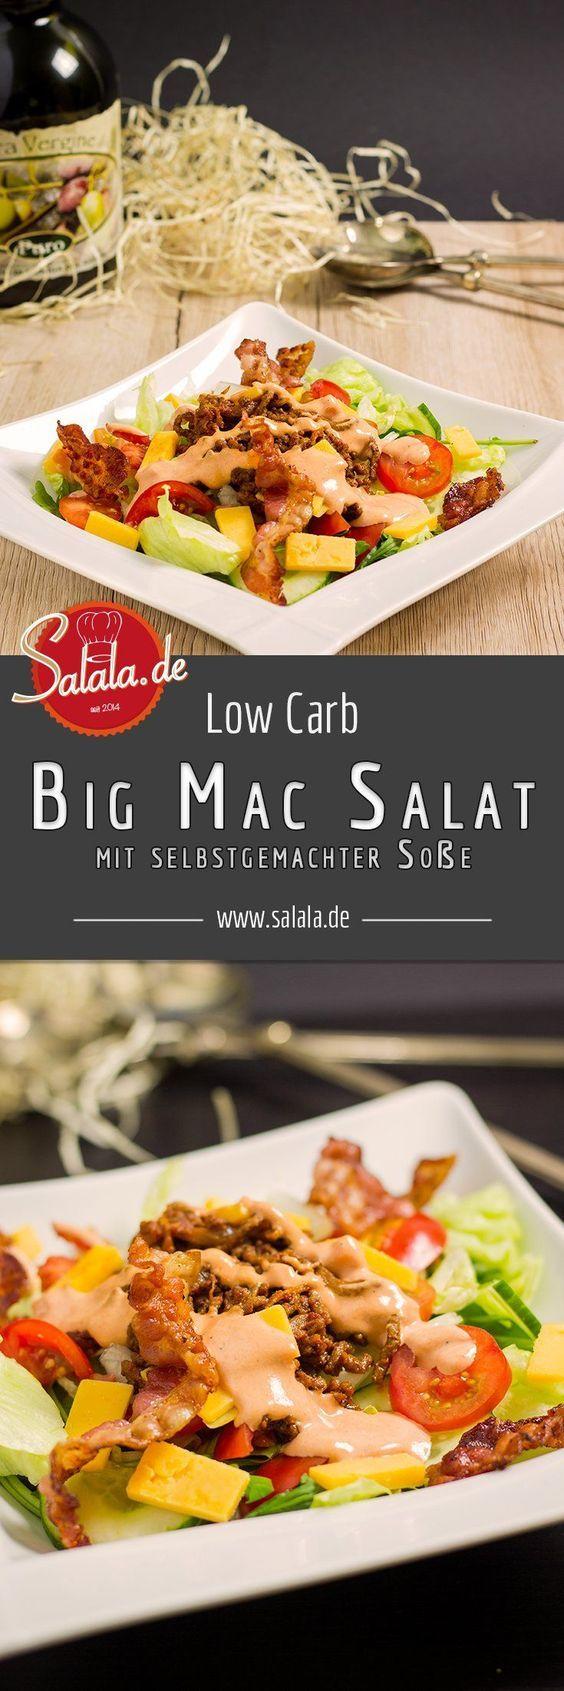 Dieser Low Carb ➤ Big Mac Salat wird Dich aus den Socken hauen. Hackfleisch, Käse, Bacon, Tomaten, Salat und eine absolut hammermäßige Soße! Big Mac Salat? Mächtig, fettig und hammermäßig lecker! UND total low carb und ketogen!